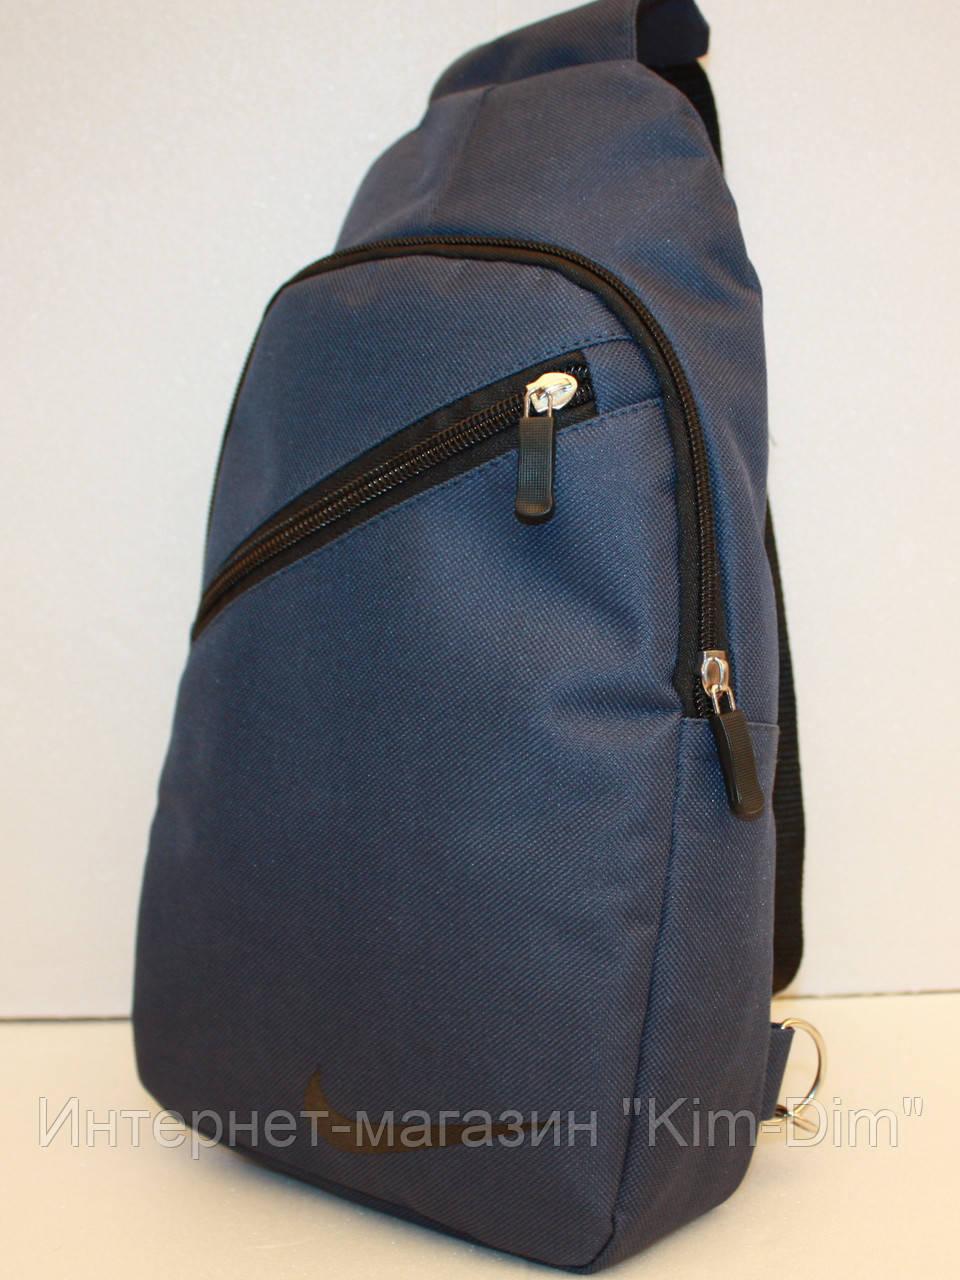 1f0e322a Сумка слинг через плечо в стиле Nike синяя: продажа, цена в Харькове ...